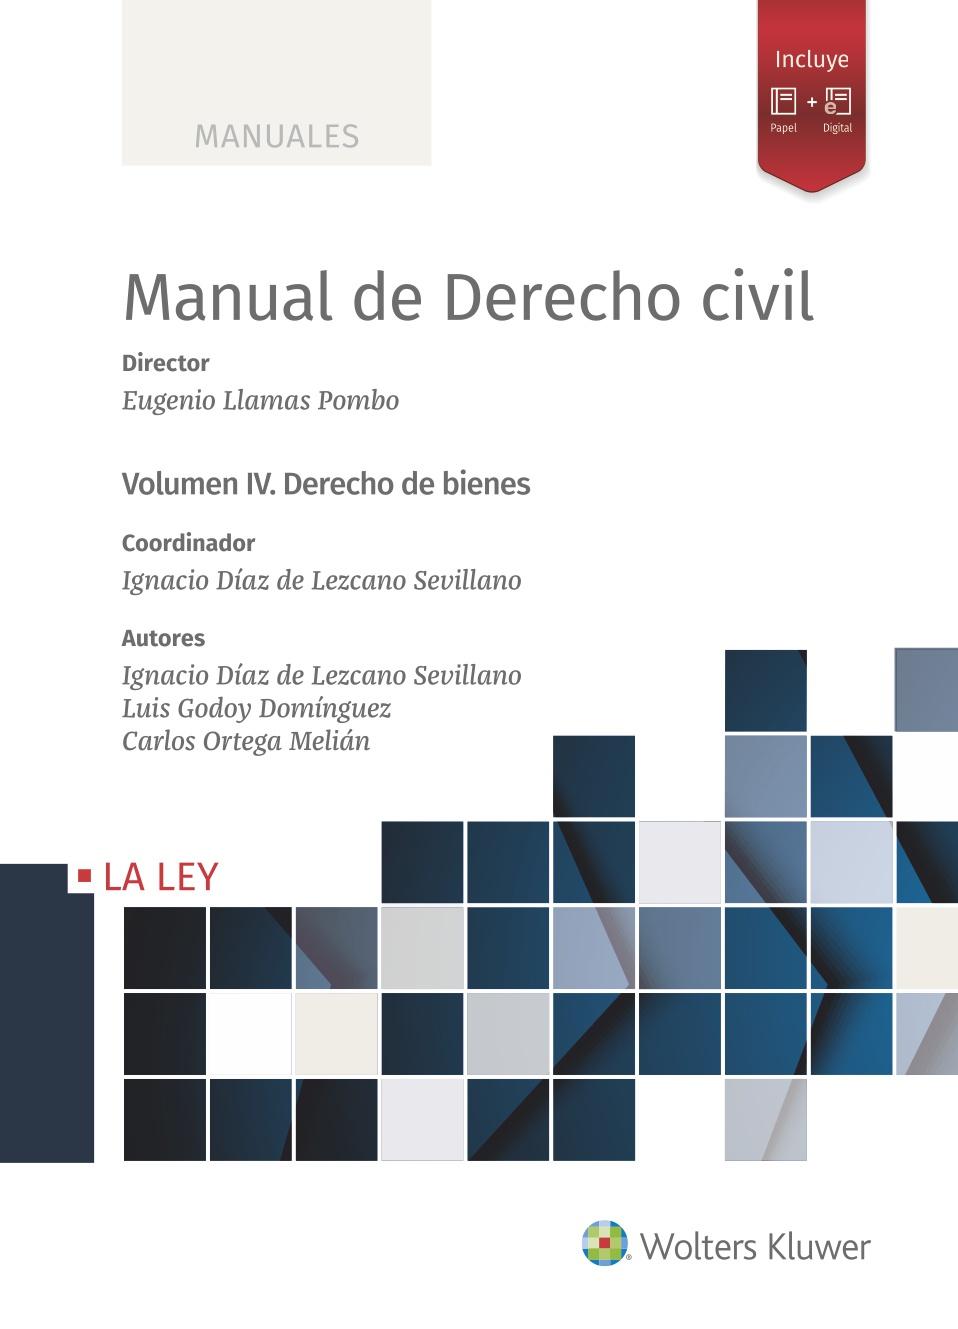 Manual de Derecho Civil   «Volumen IV. Derecho de bienes»